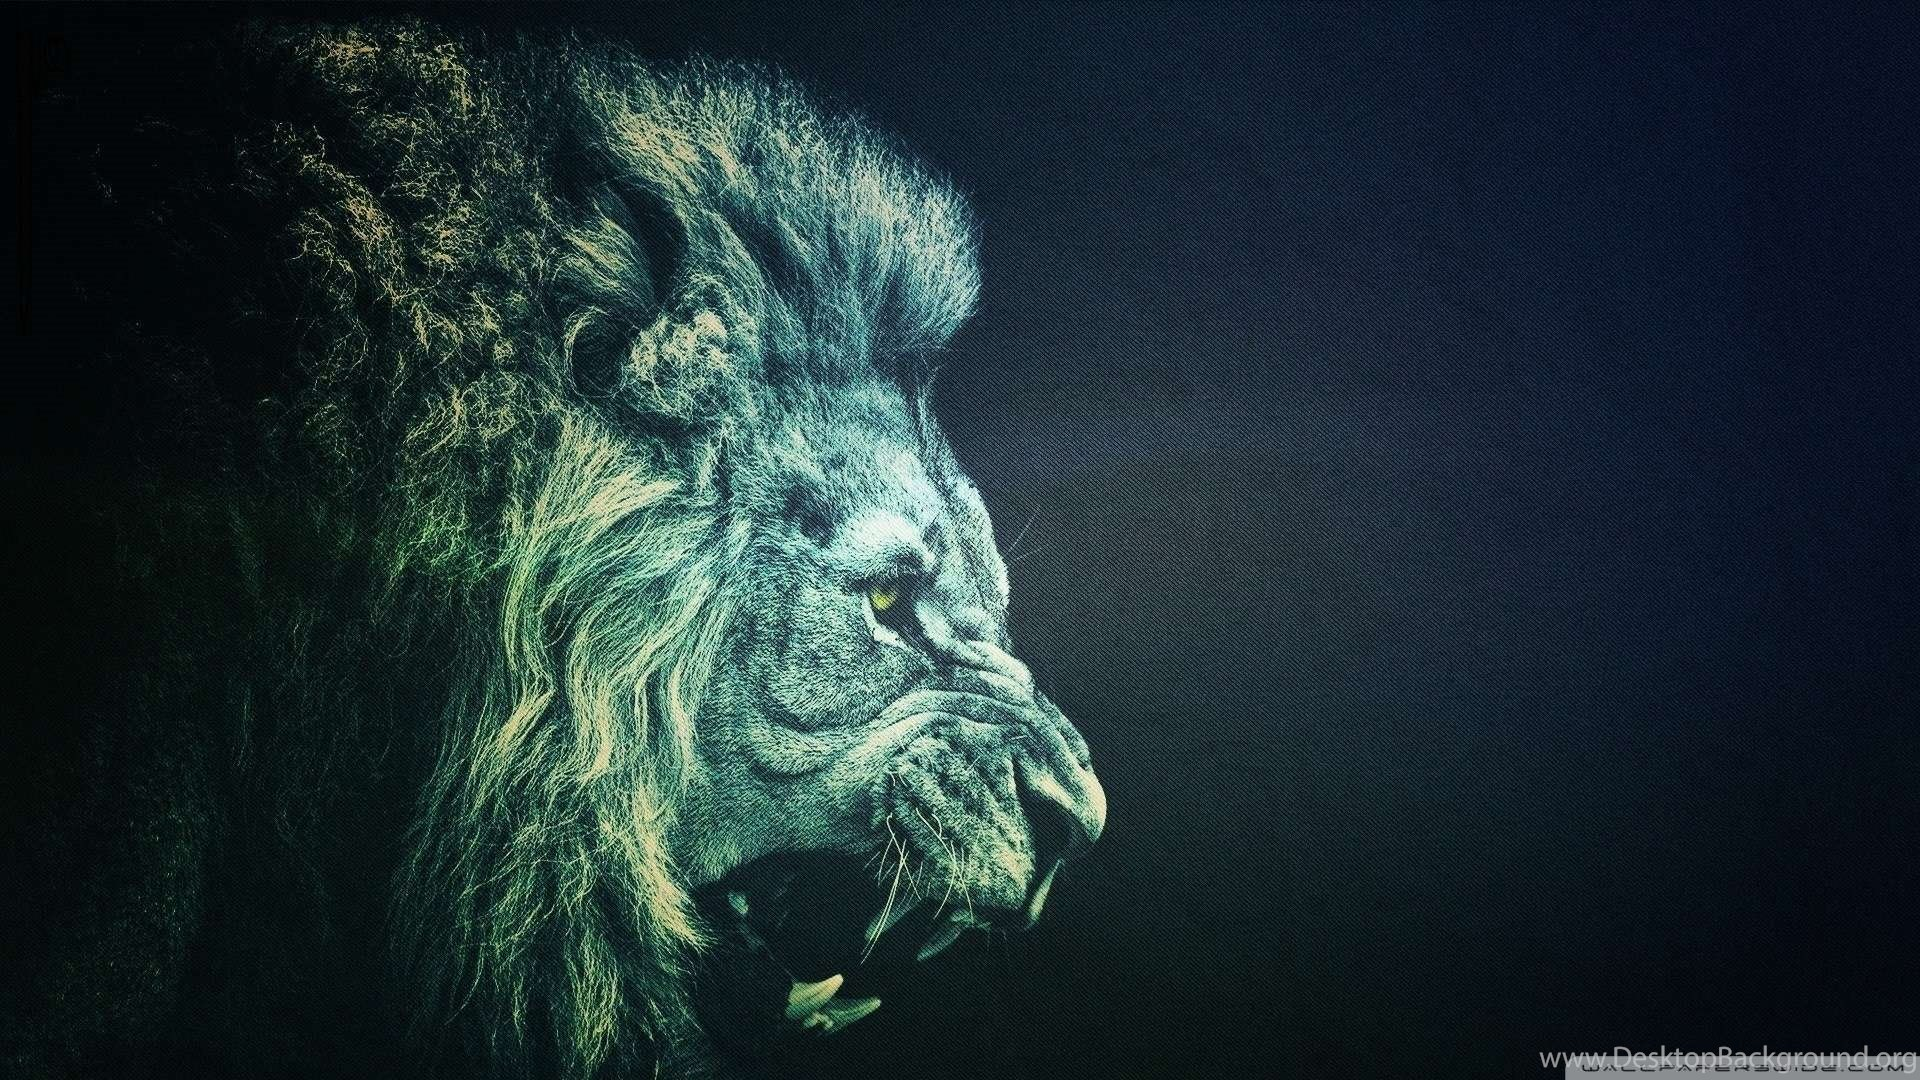 Top Black Lion Hd Images For Pinterest Desktop Background